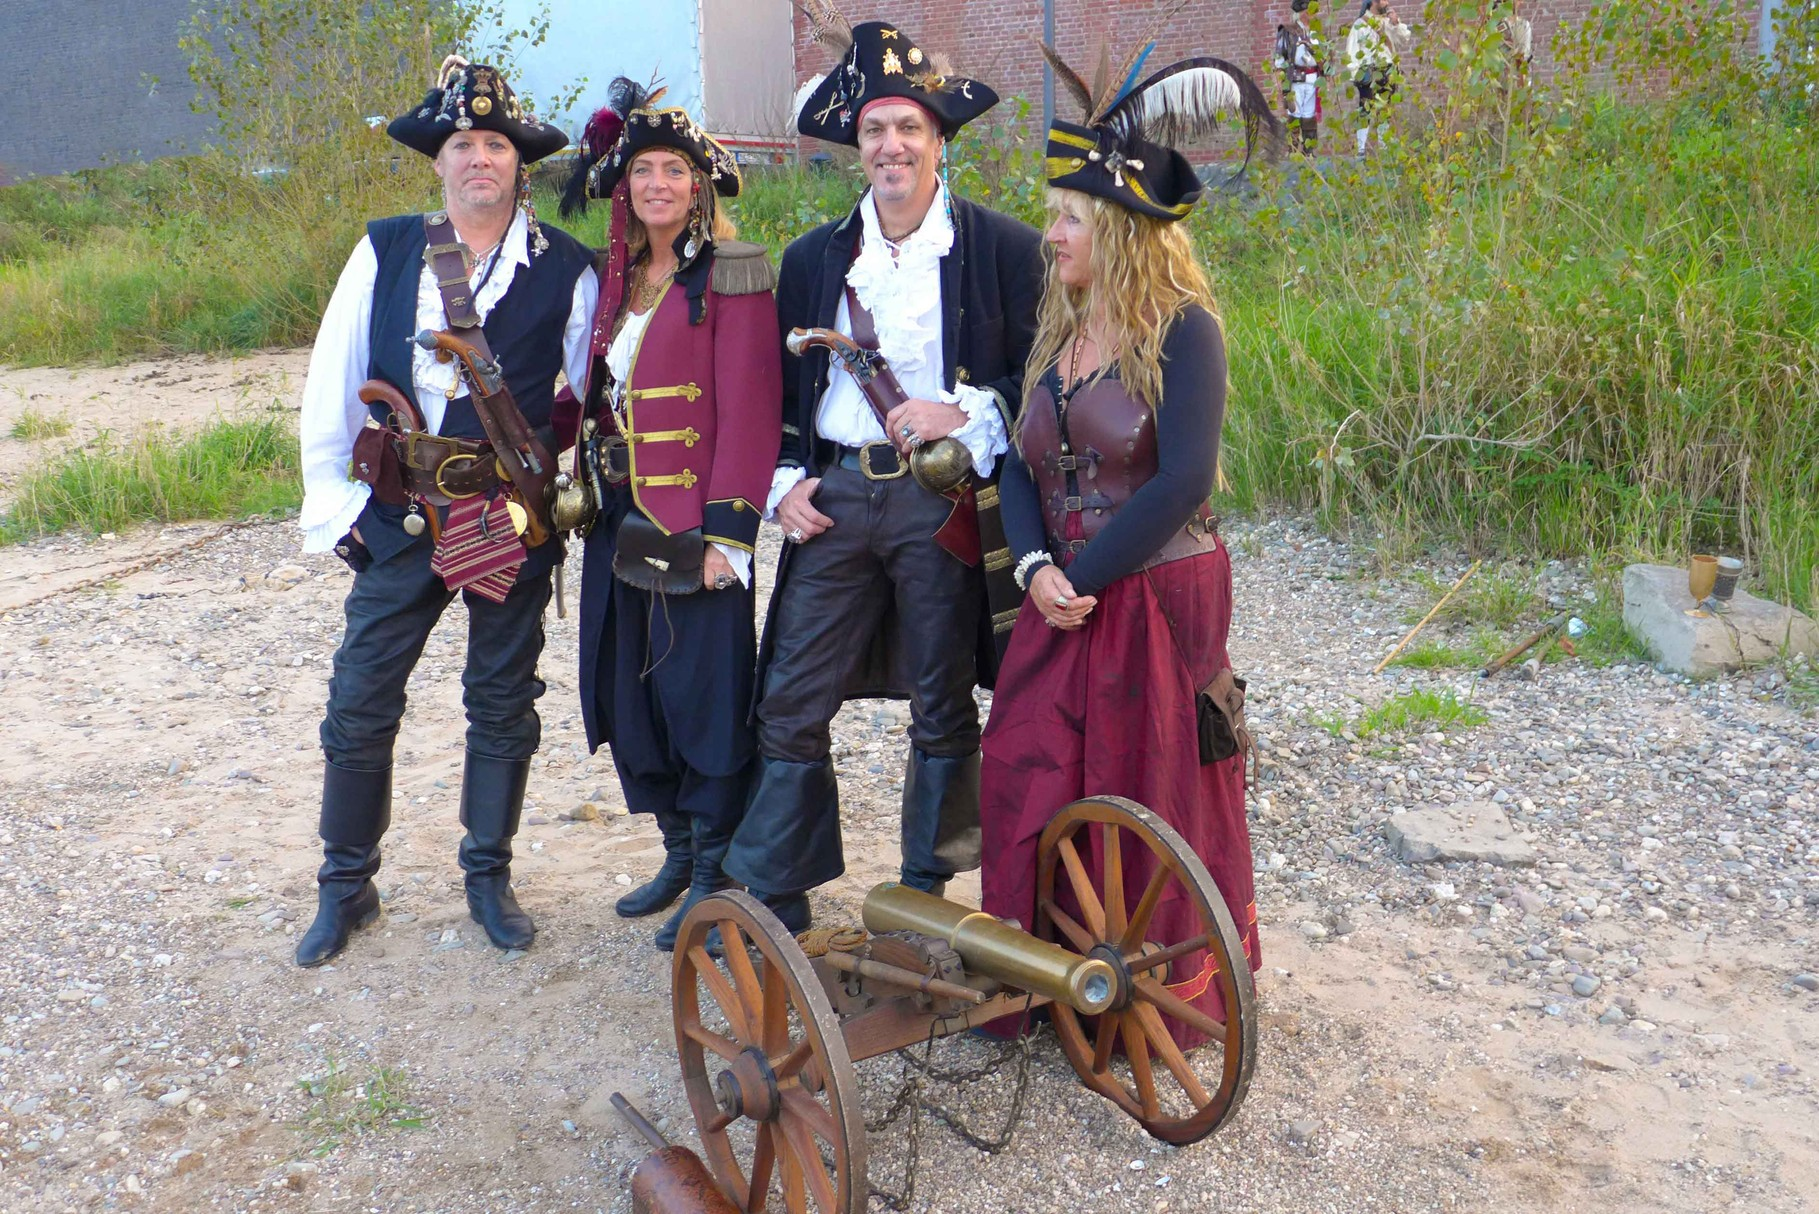 3 Dellbrücker Piraten (von links) und ihre Kanone